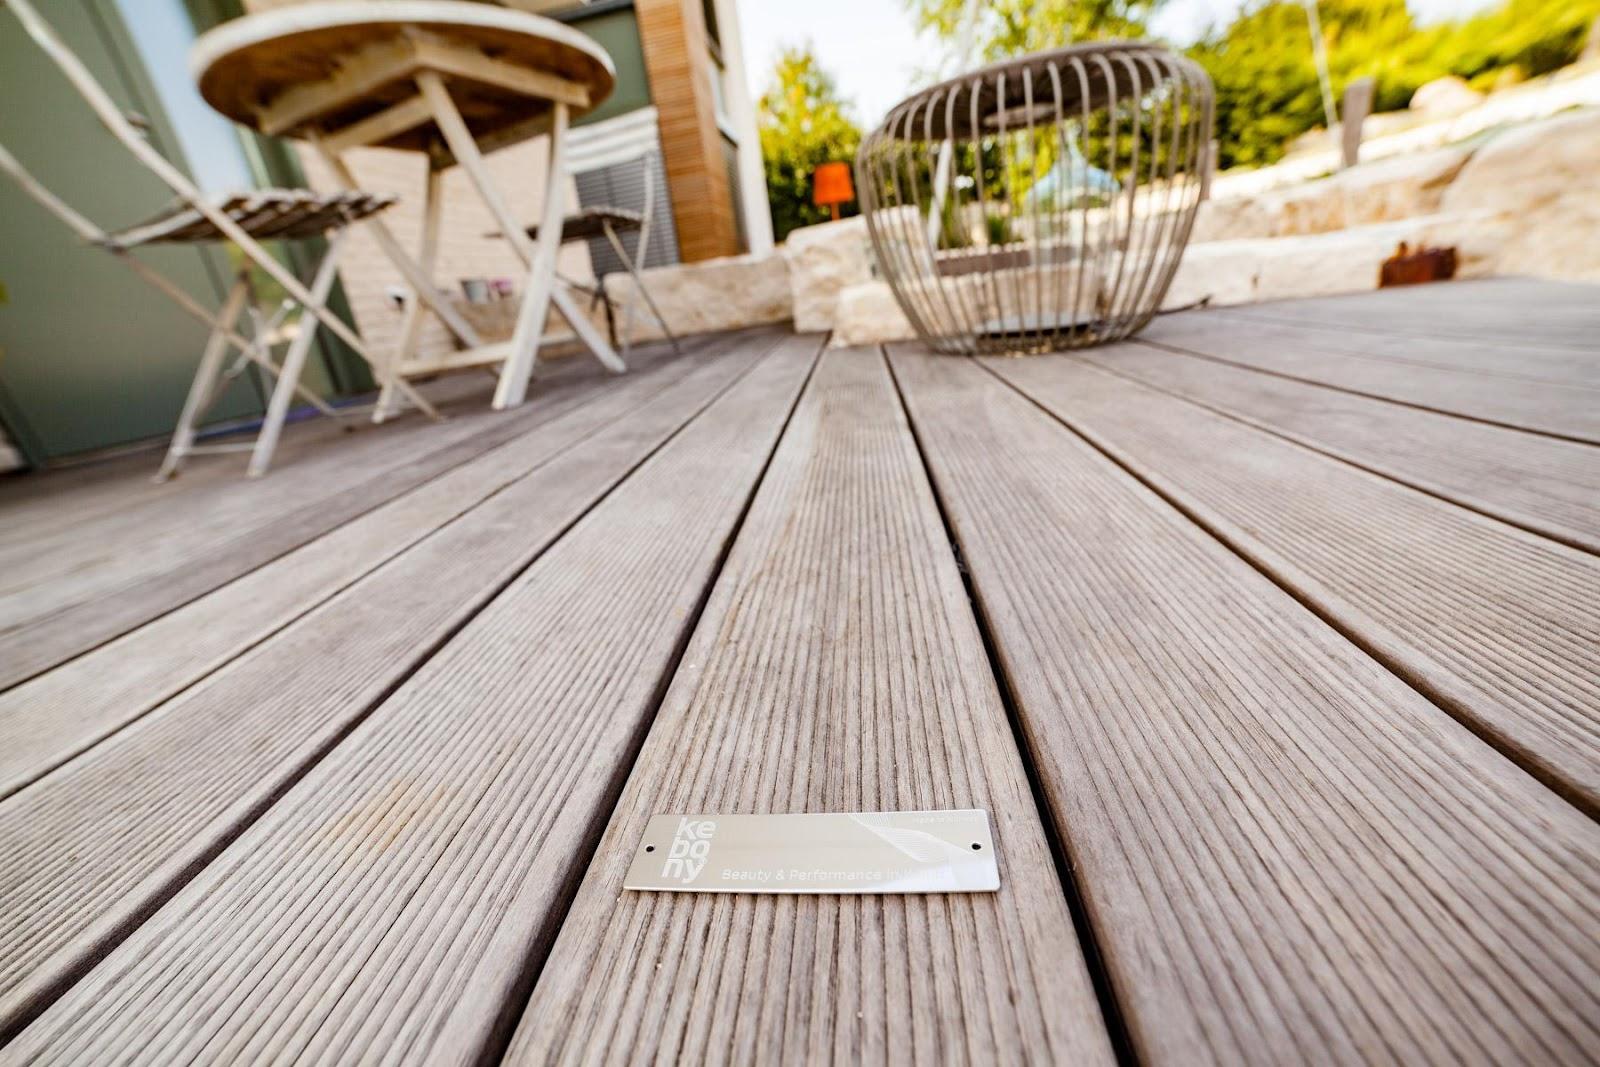 Choisissez la qualité : Si vous choisissez des matériaux de bonne qualité, vous économiserez beaucoup d'entretien inutile plus tard. Les lames de terrasse de Kebony ne nécessitent aucun entretien autre qu'un lavage régulier.